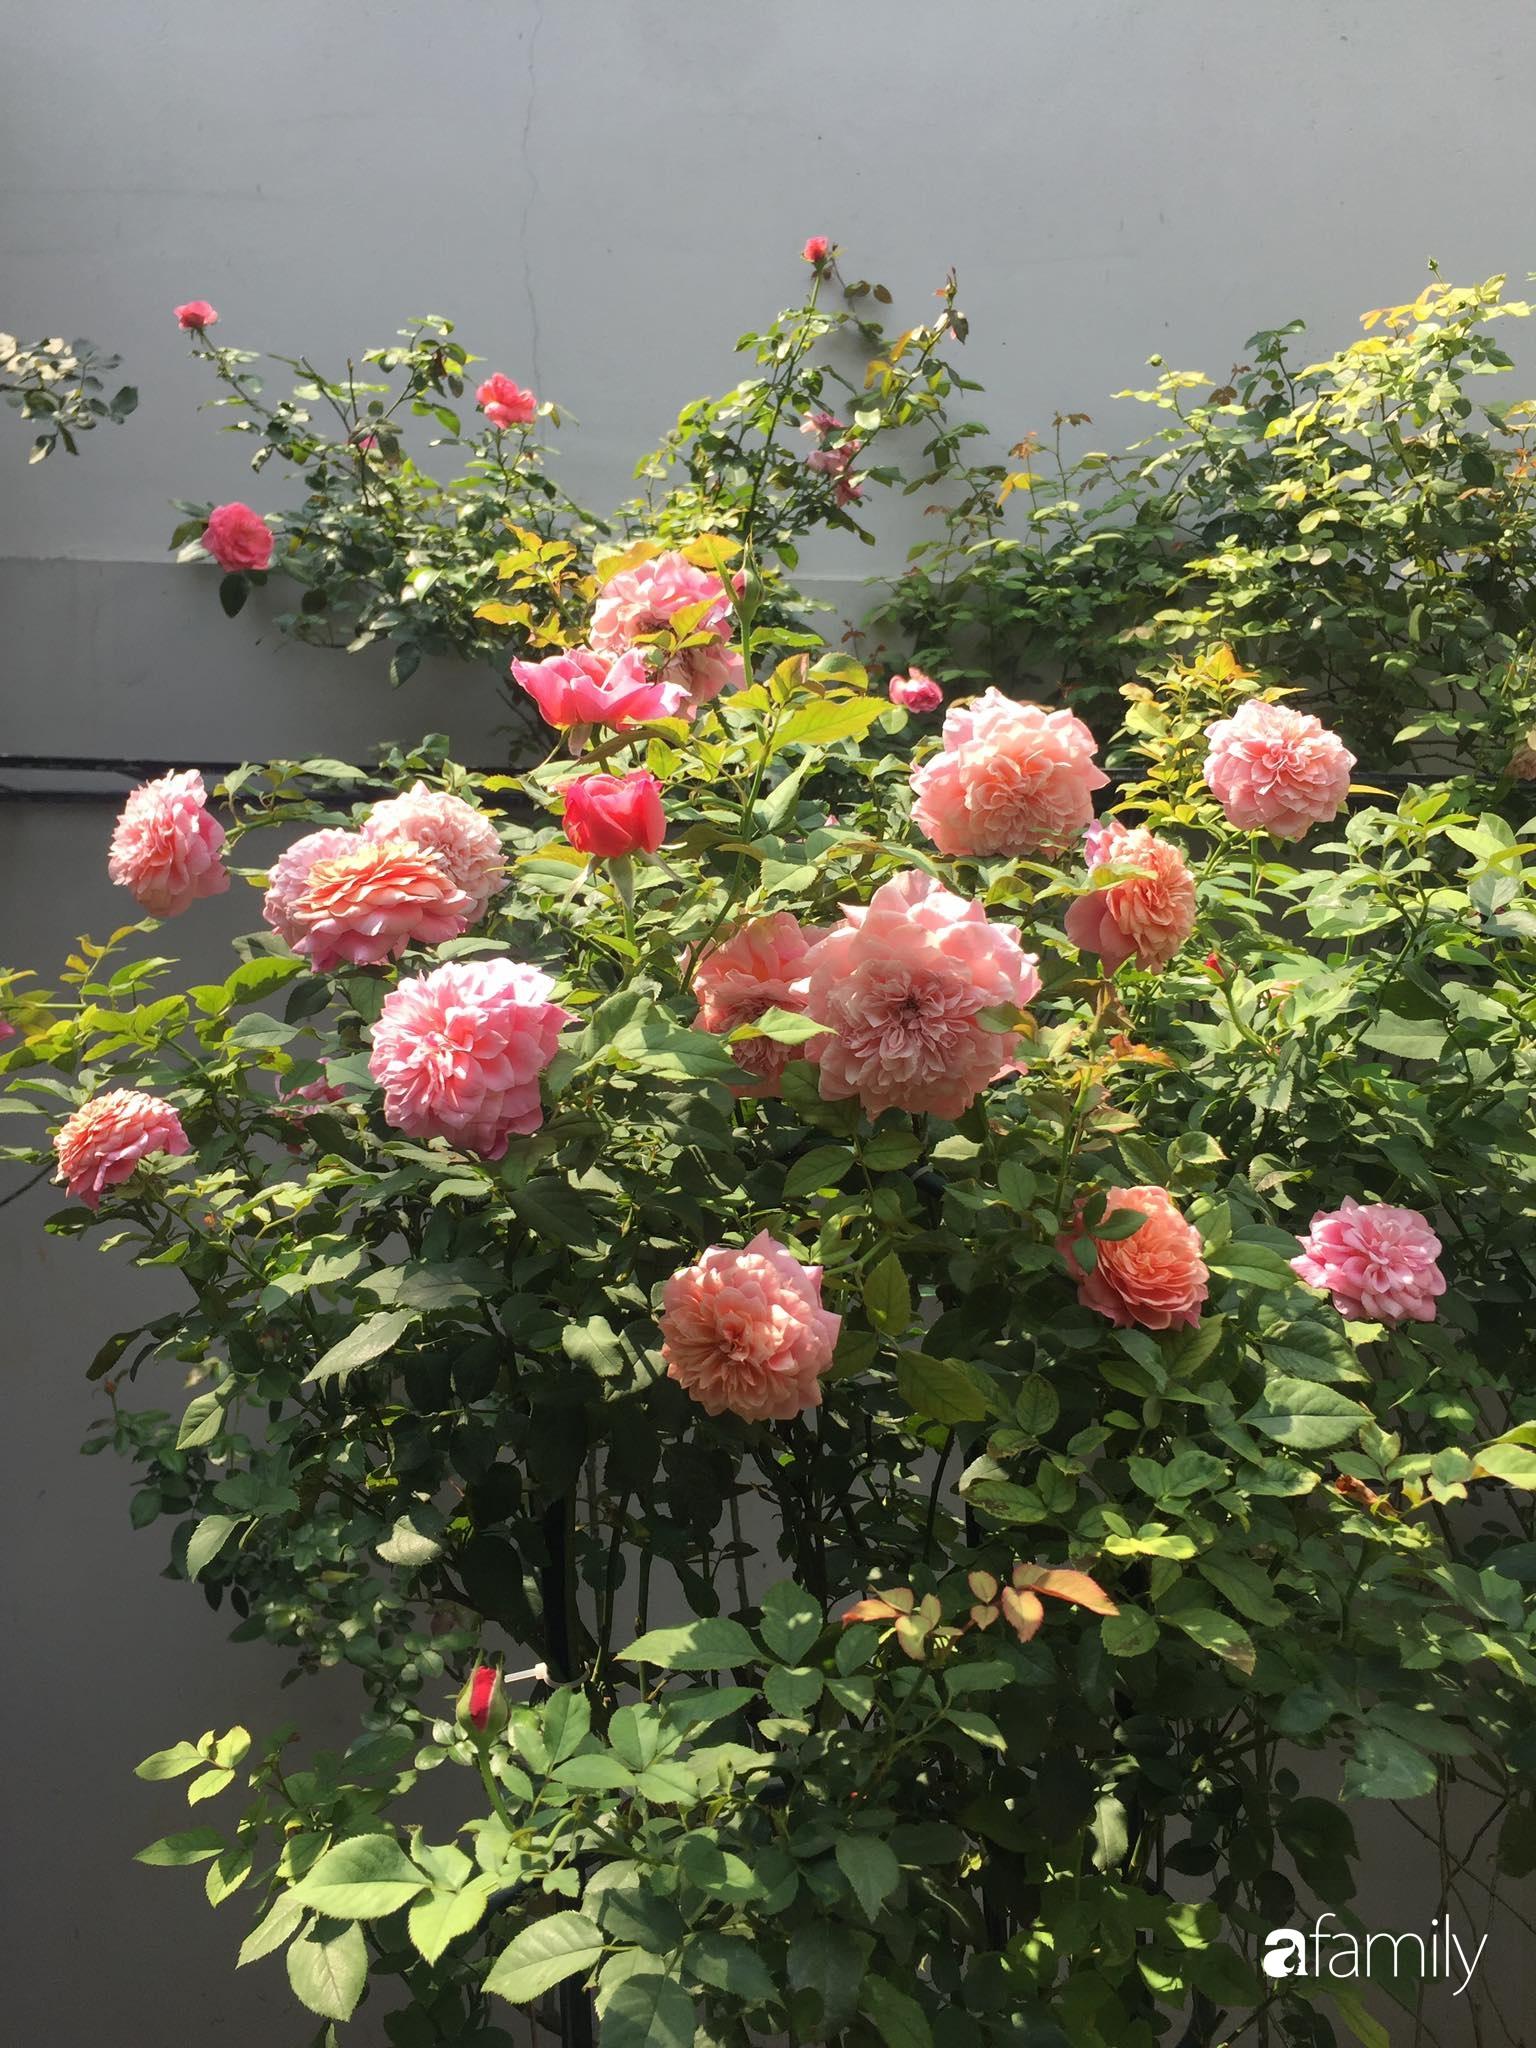 Lối nhỏ vào nhà níu chân bởi những gốc hồng xanh mướt lá rực rỡ sắc hoa ở Sài Gòn - Ảnh 5.